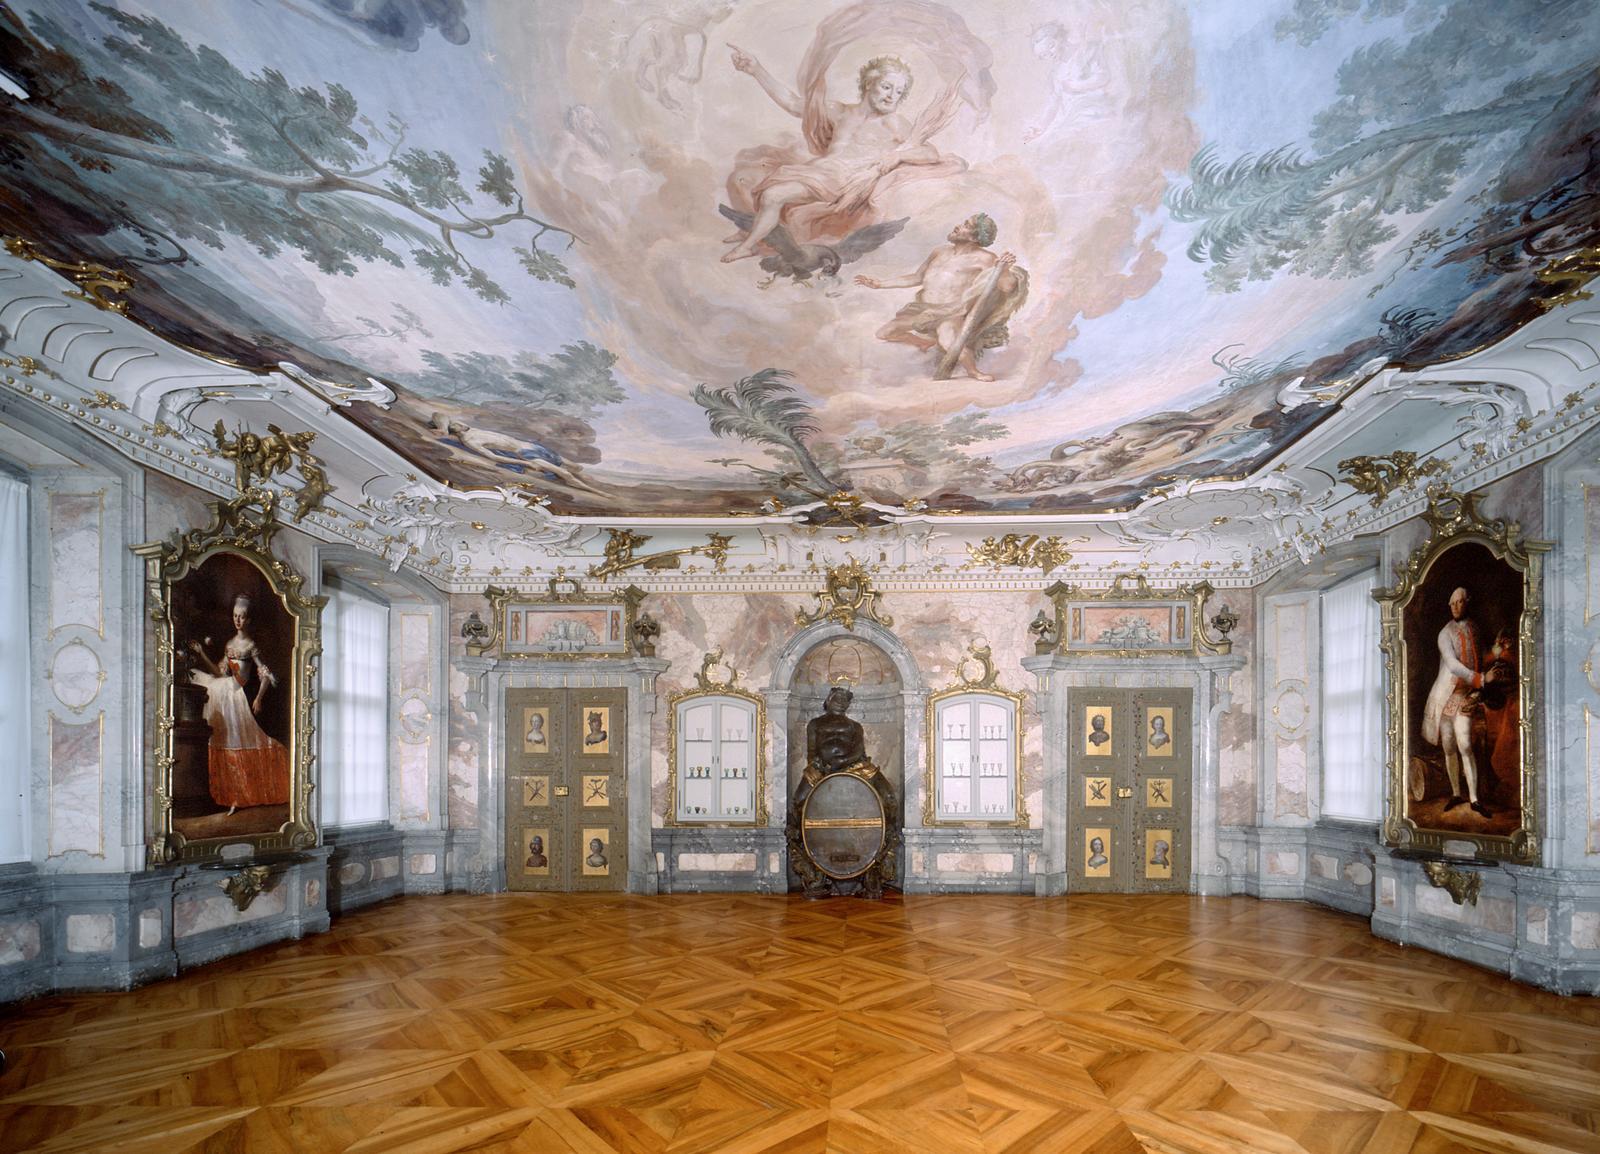 Neues Schloss Tettnang | Bacchussaal